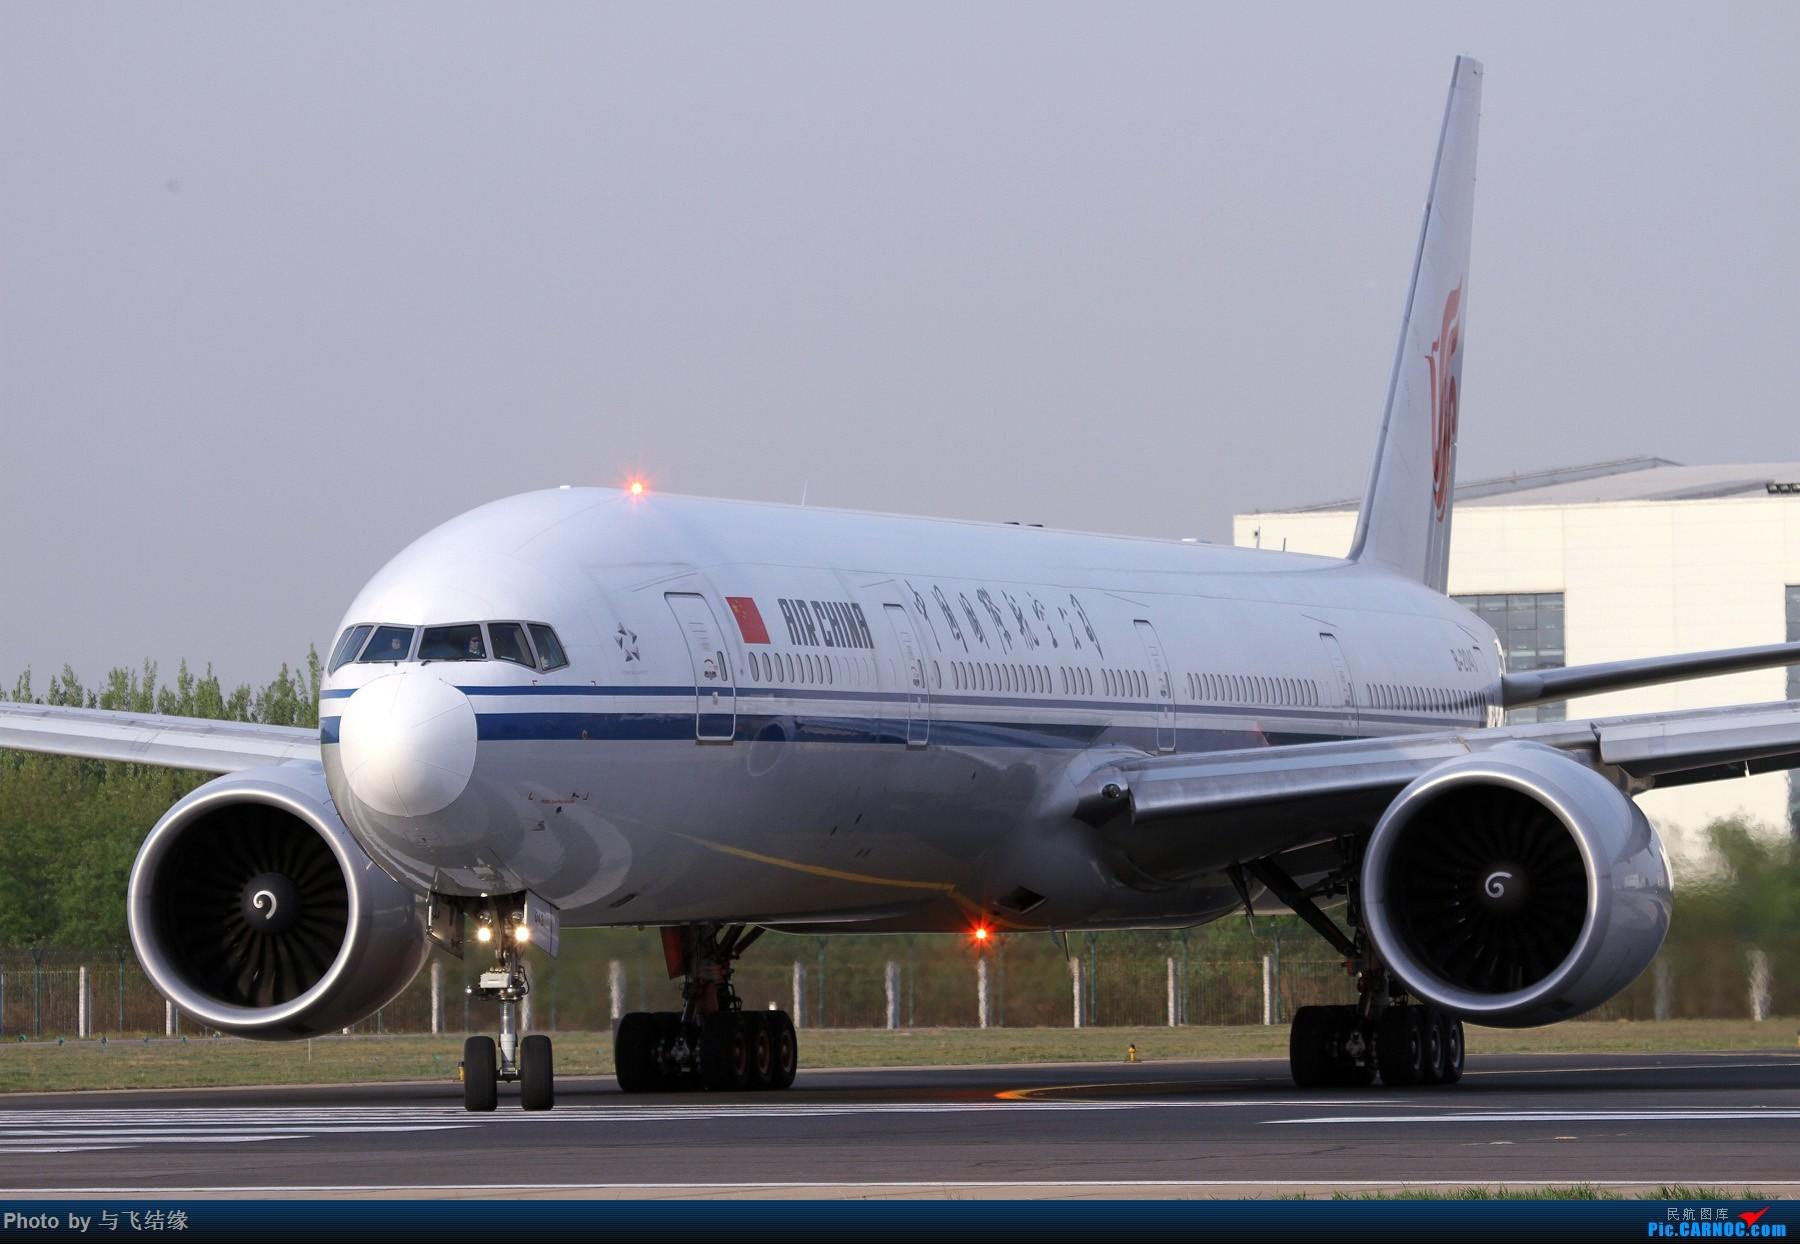 [原创]中国国际航空公司Boeing 777-300ER,B-2043特写组照! BOEING 777-300ER B-2043 中国北京首都国际机场